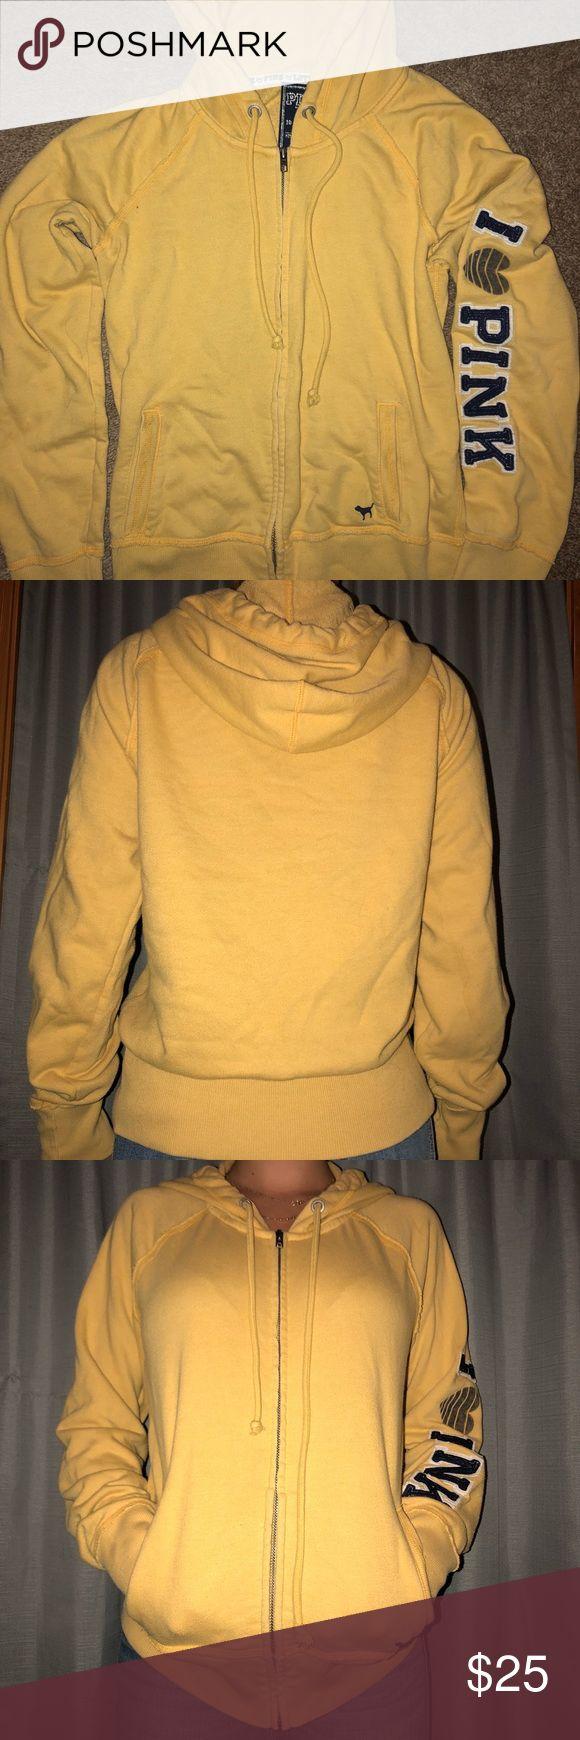 Vs PINK yellow zip up hoodie In good condition PINK Victoria's Secret Tops Sweatshirts & Hoodies